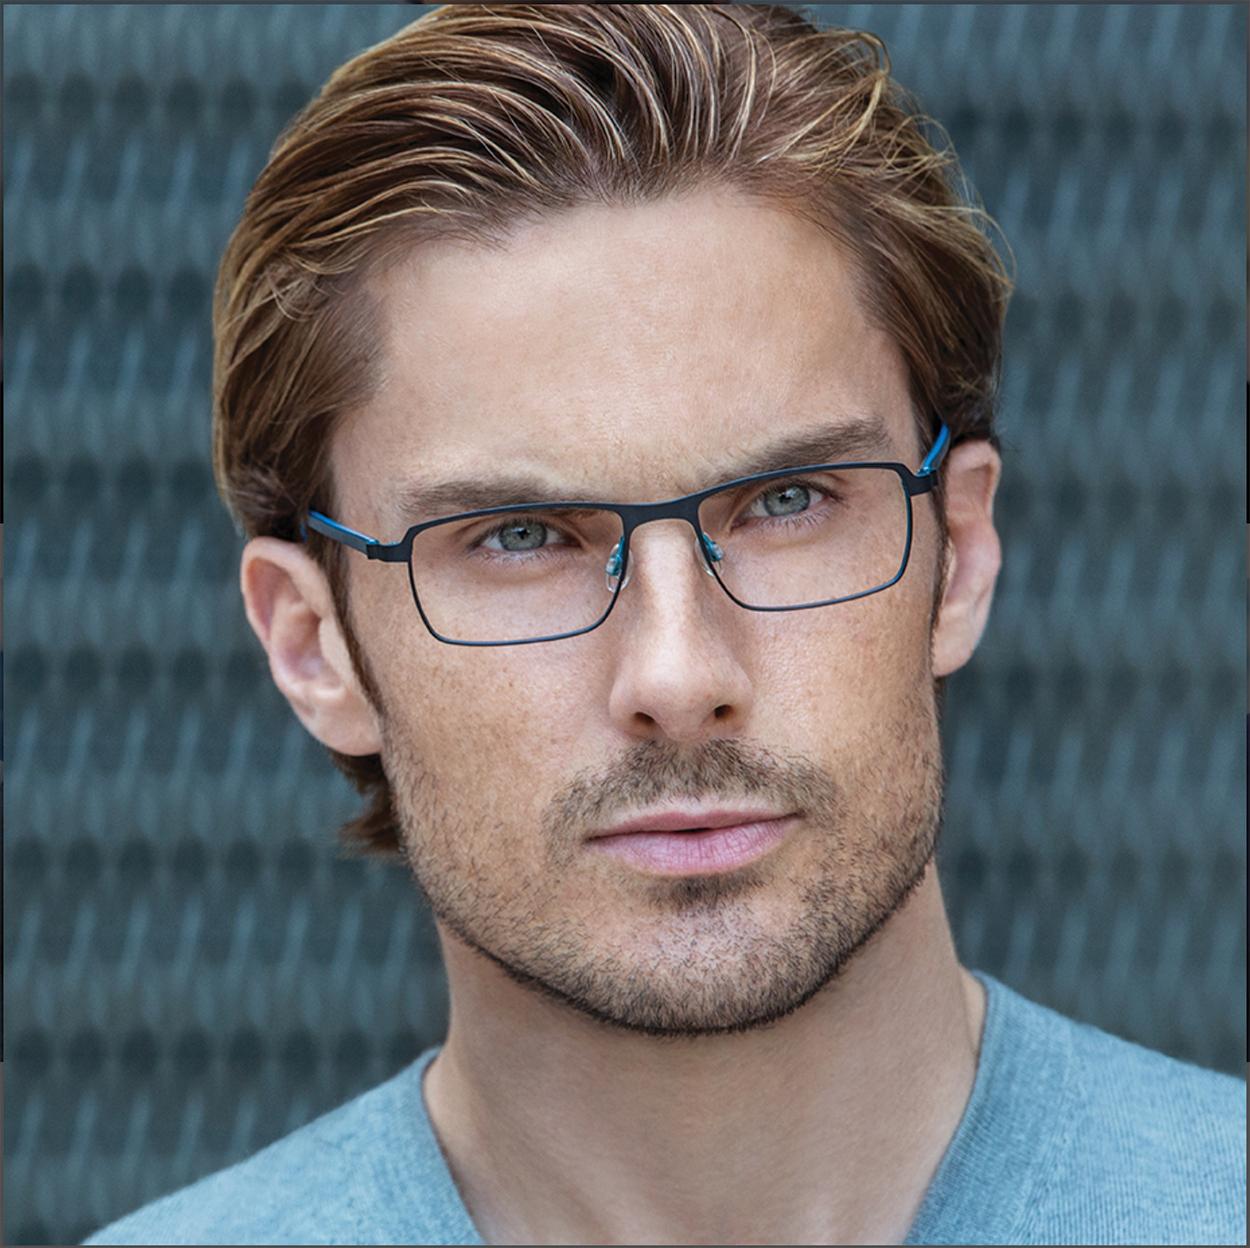 Focused on men's frames in 2017